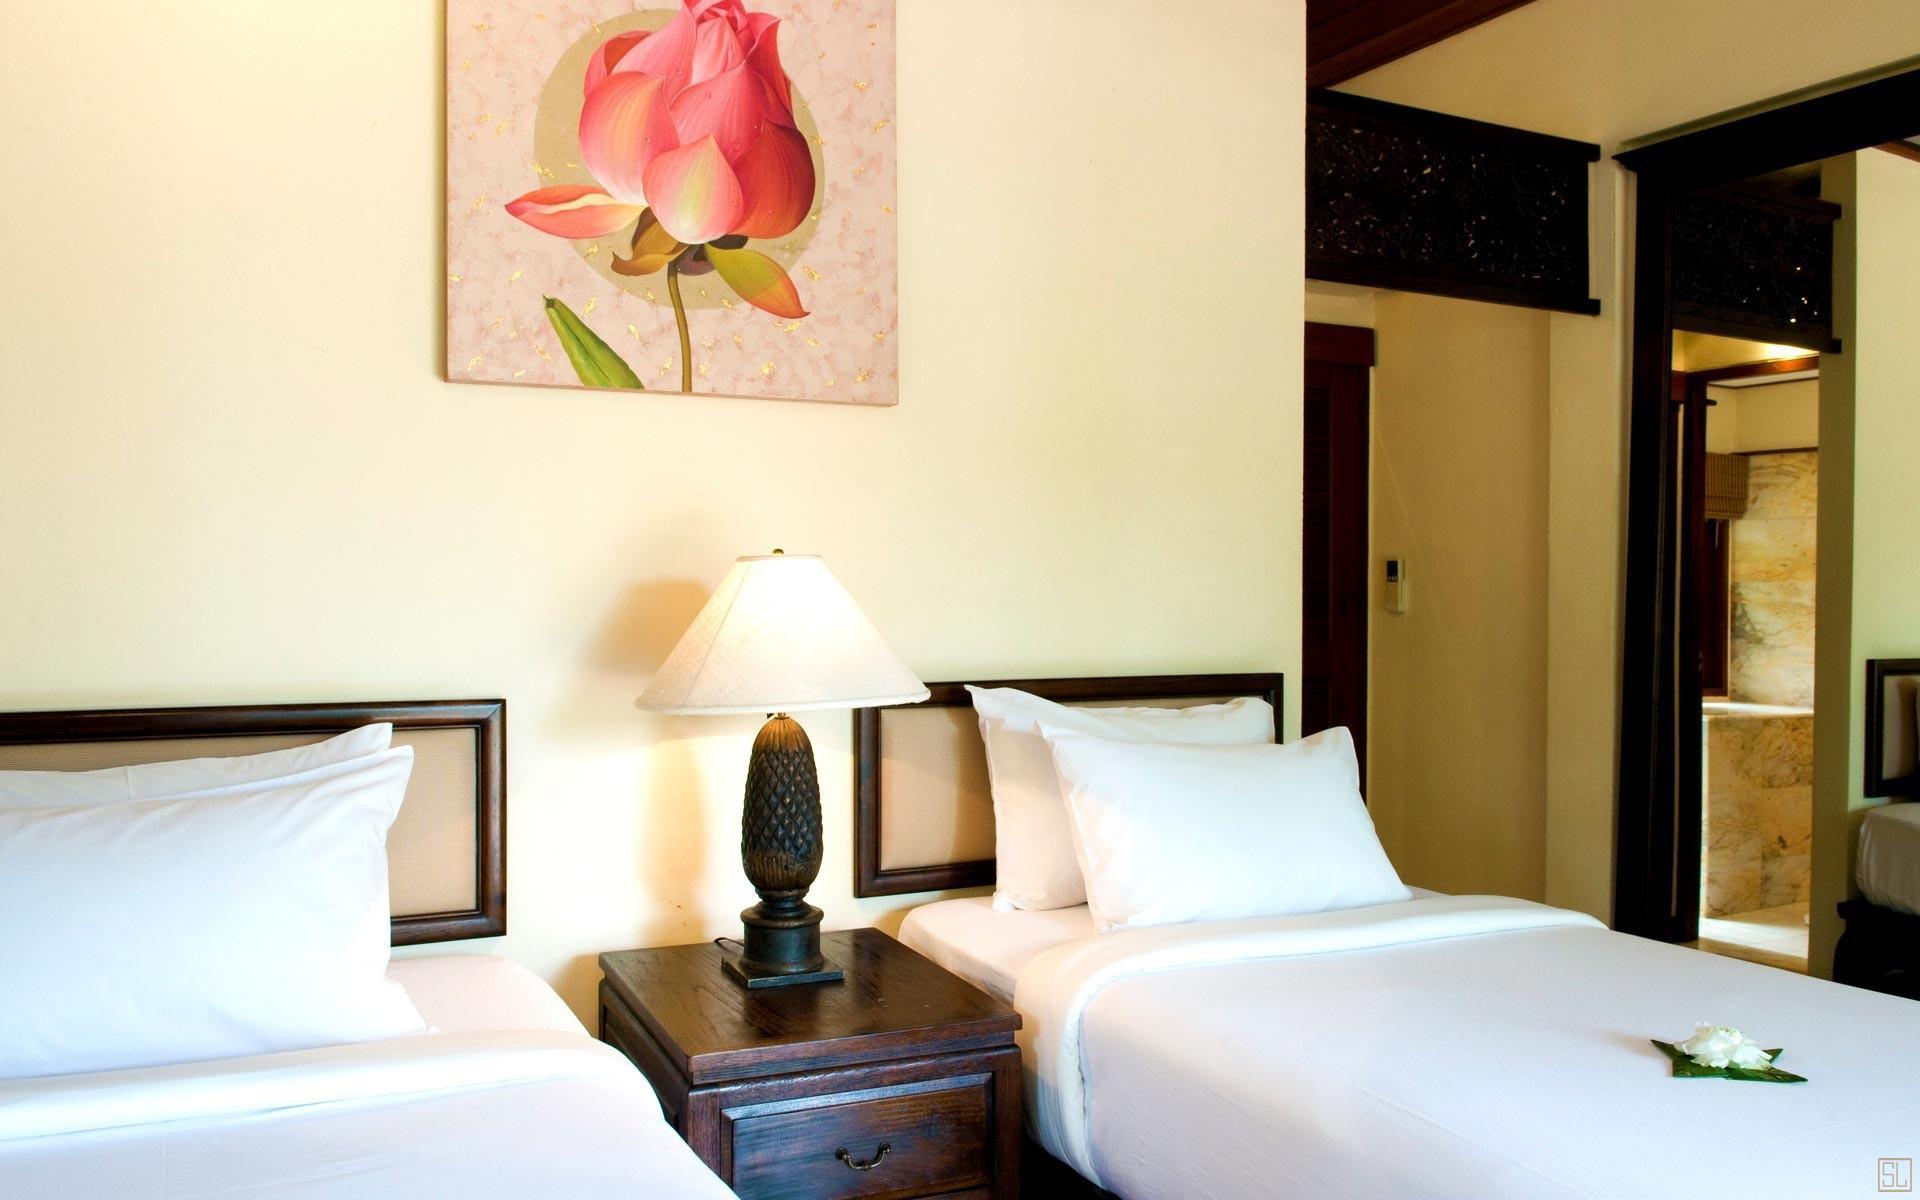 泰国苏梅岛密斯卡湾罗望子别墅标准卧室